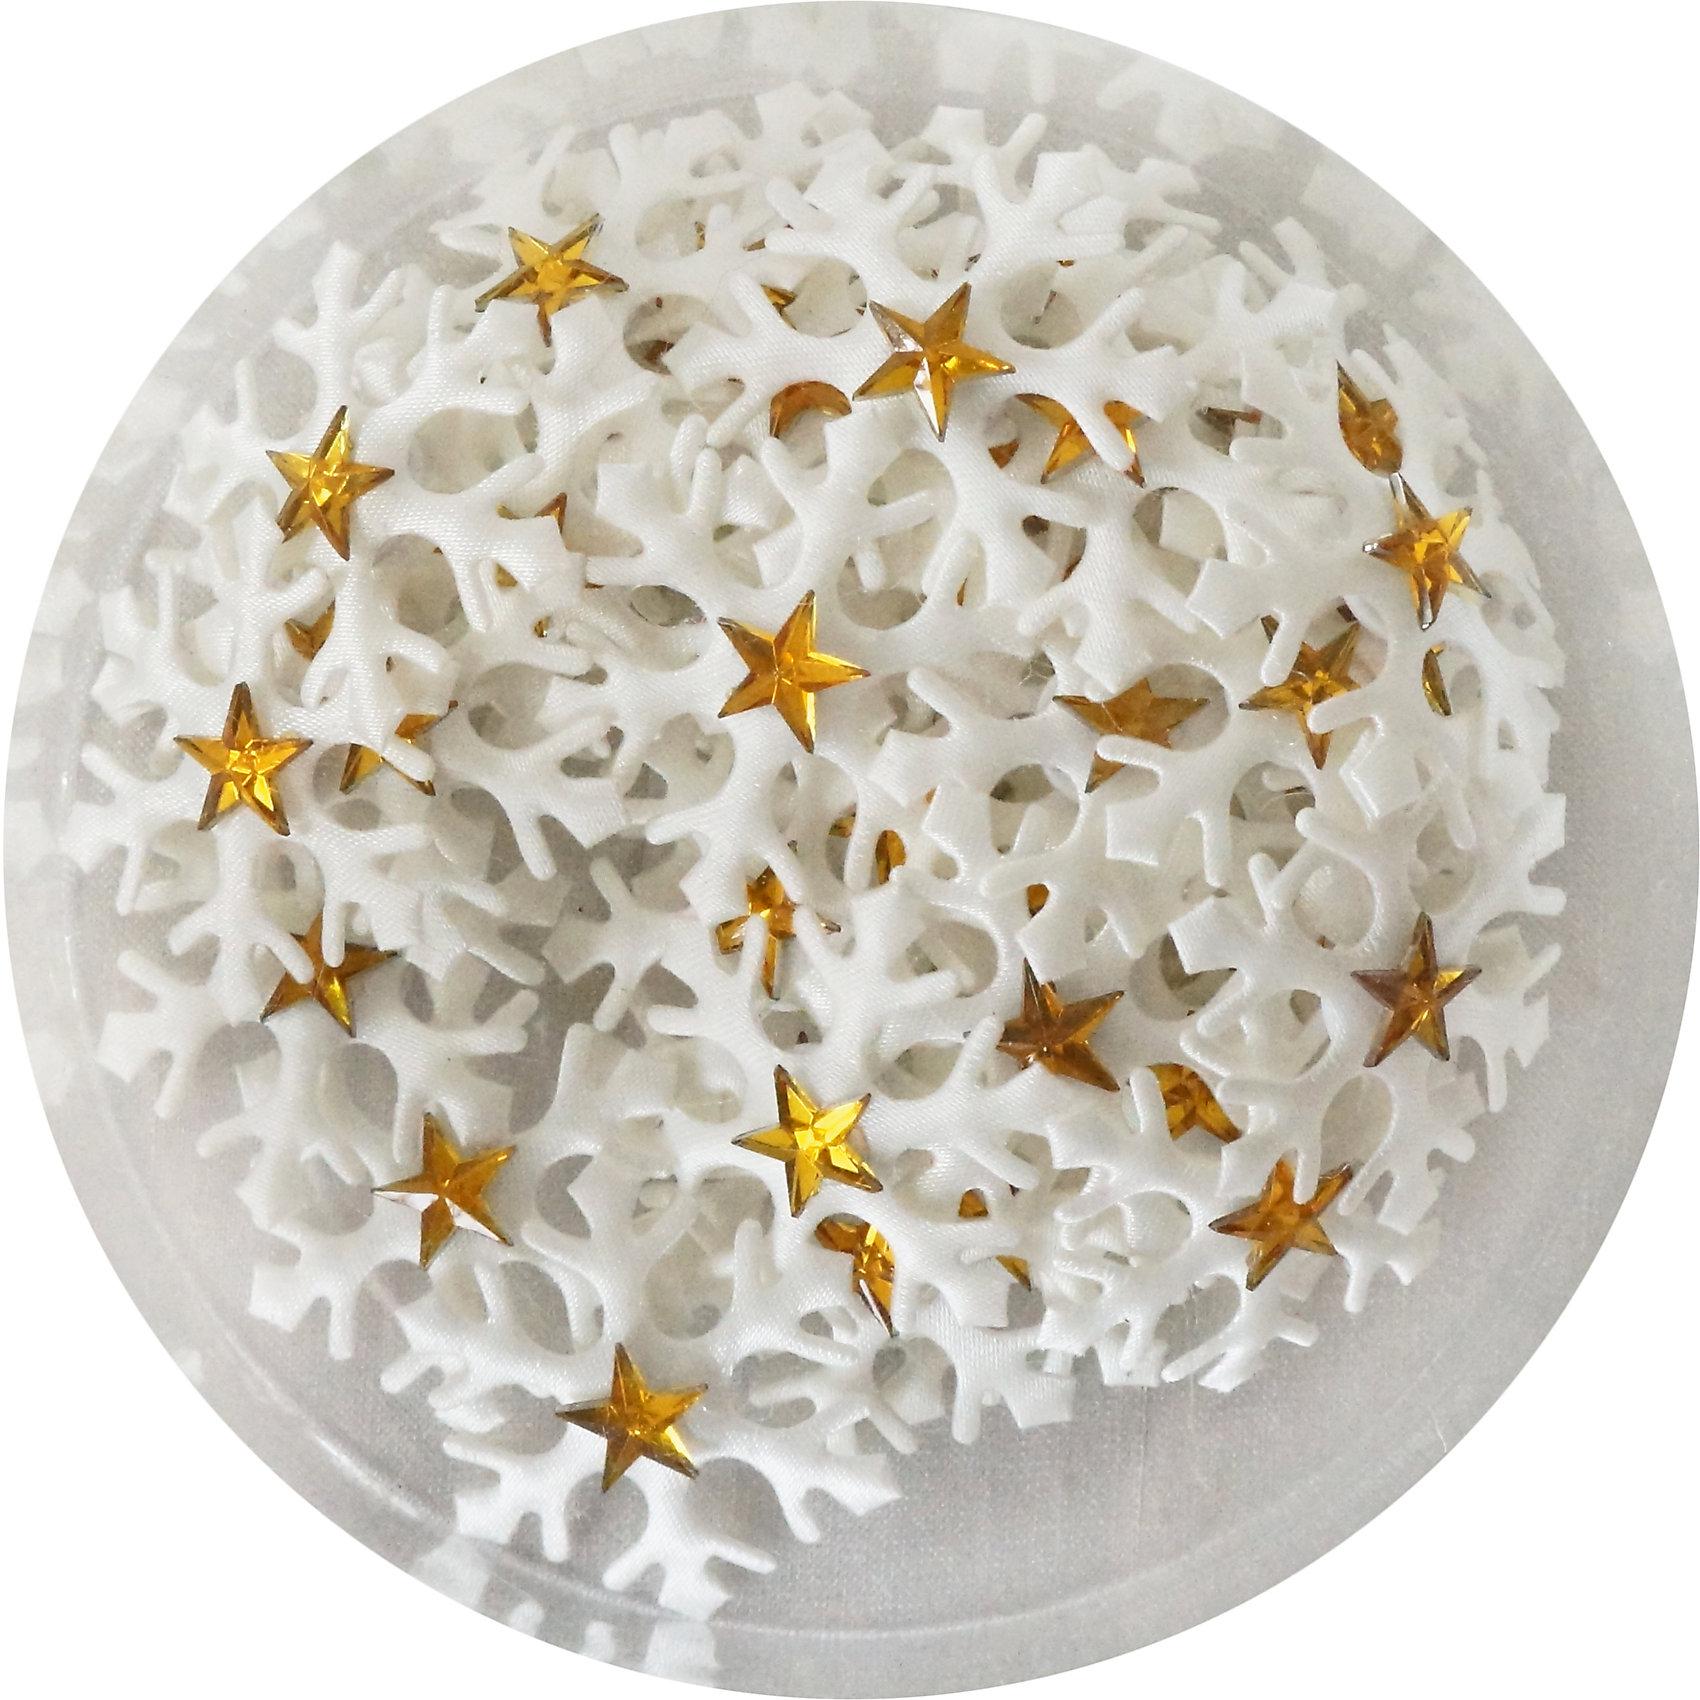 Набор стикеров Снежинка 3,5 см, 48 шт, ткань, золотоНабо рзолотых стикеров Снежинка украсит ваш интерьер и придаст ему новогоднее настроение.Размер стикера 3,5 см.В наборе 48 шт<br><br>Ширина мм: 105<br>Глубина мм: 20<br>Высота мм: 105<br>Вес г: 18<br>Возраст от месяцев: 36<br>Возраст до месяцев: 420<br>Пол: Унисекс<br>Возраст: Детский<br>SKU: 5078450